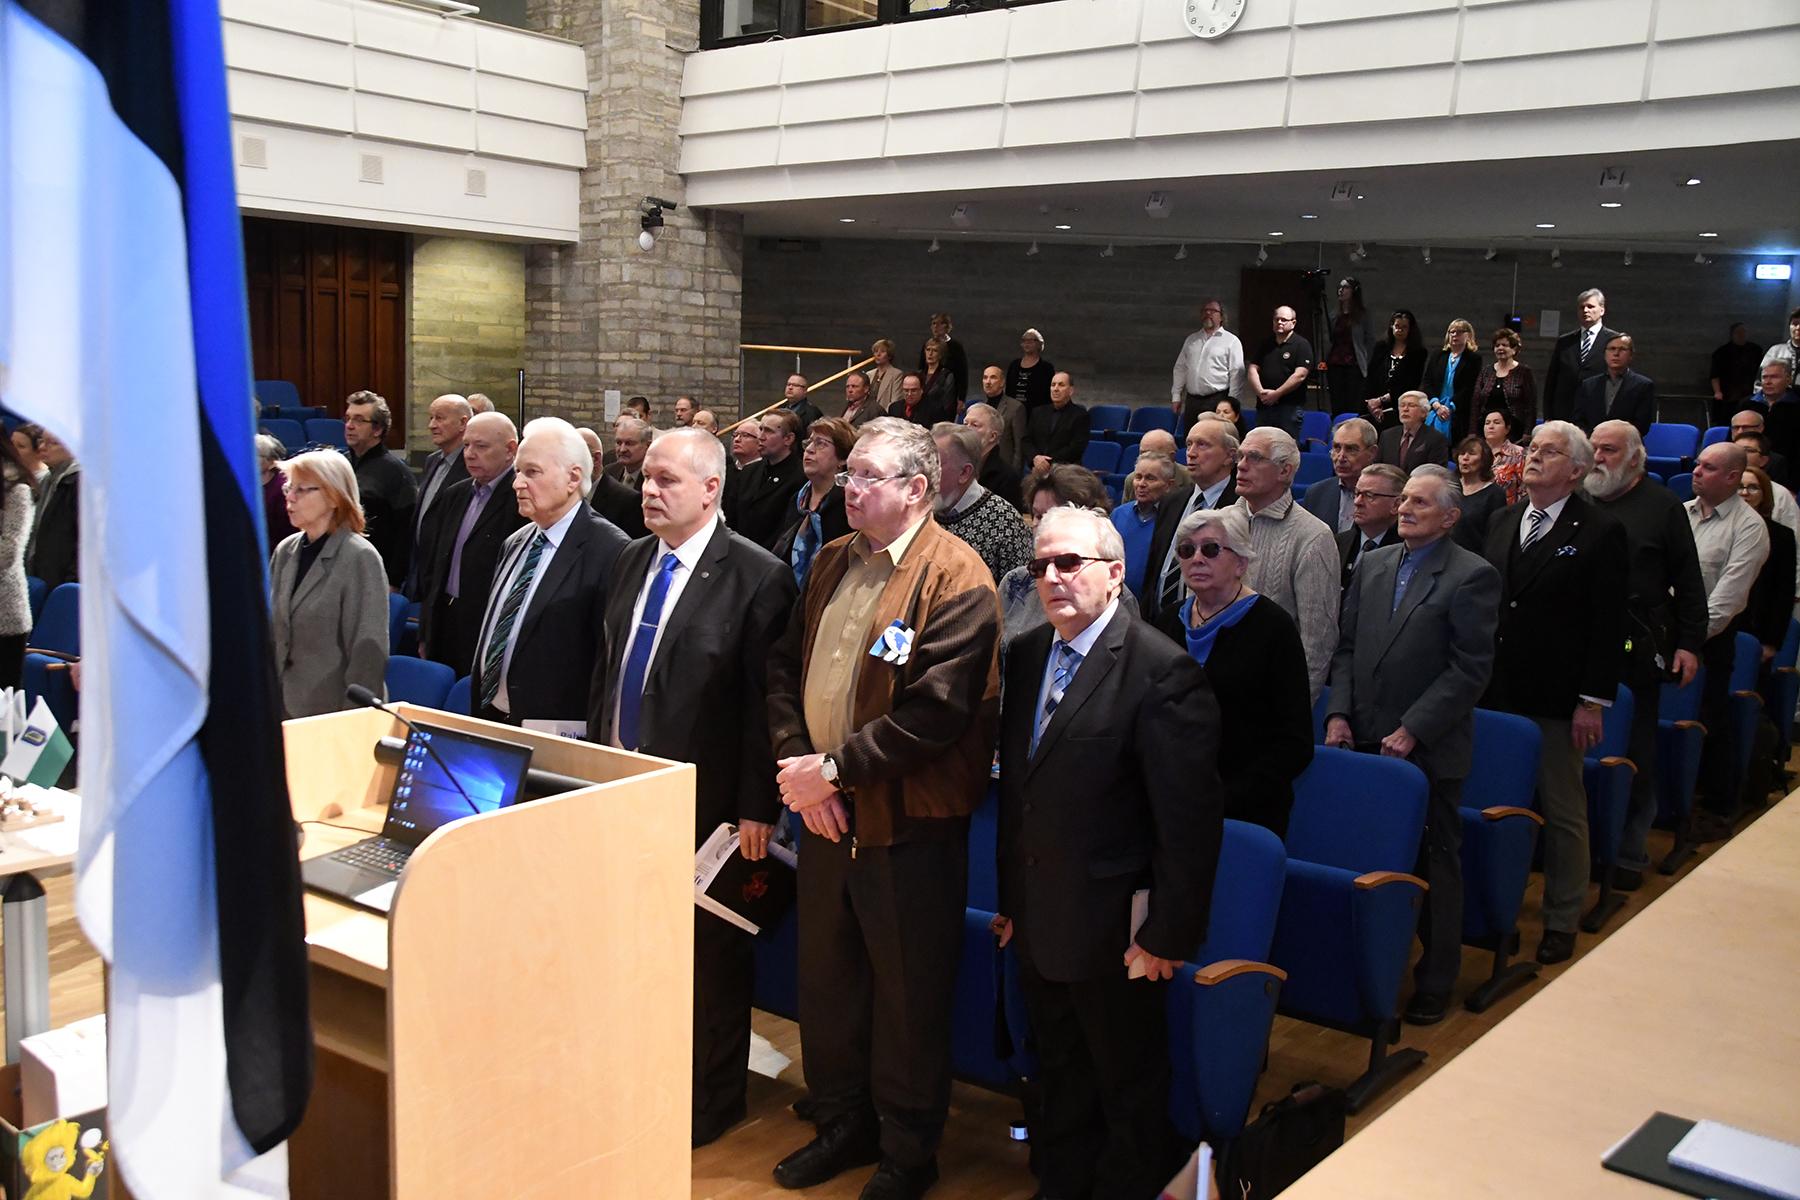 Hümni laulmine Tartu rahuläbirääkimiste 100. aastapäevale pühendatud konverentsil rahvusraamatukogus. Foto Urmas Saard